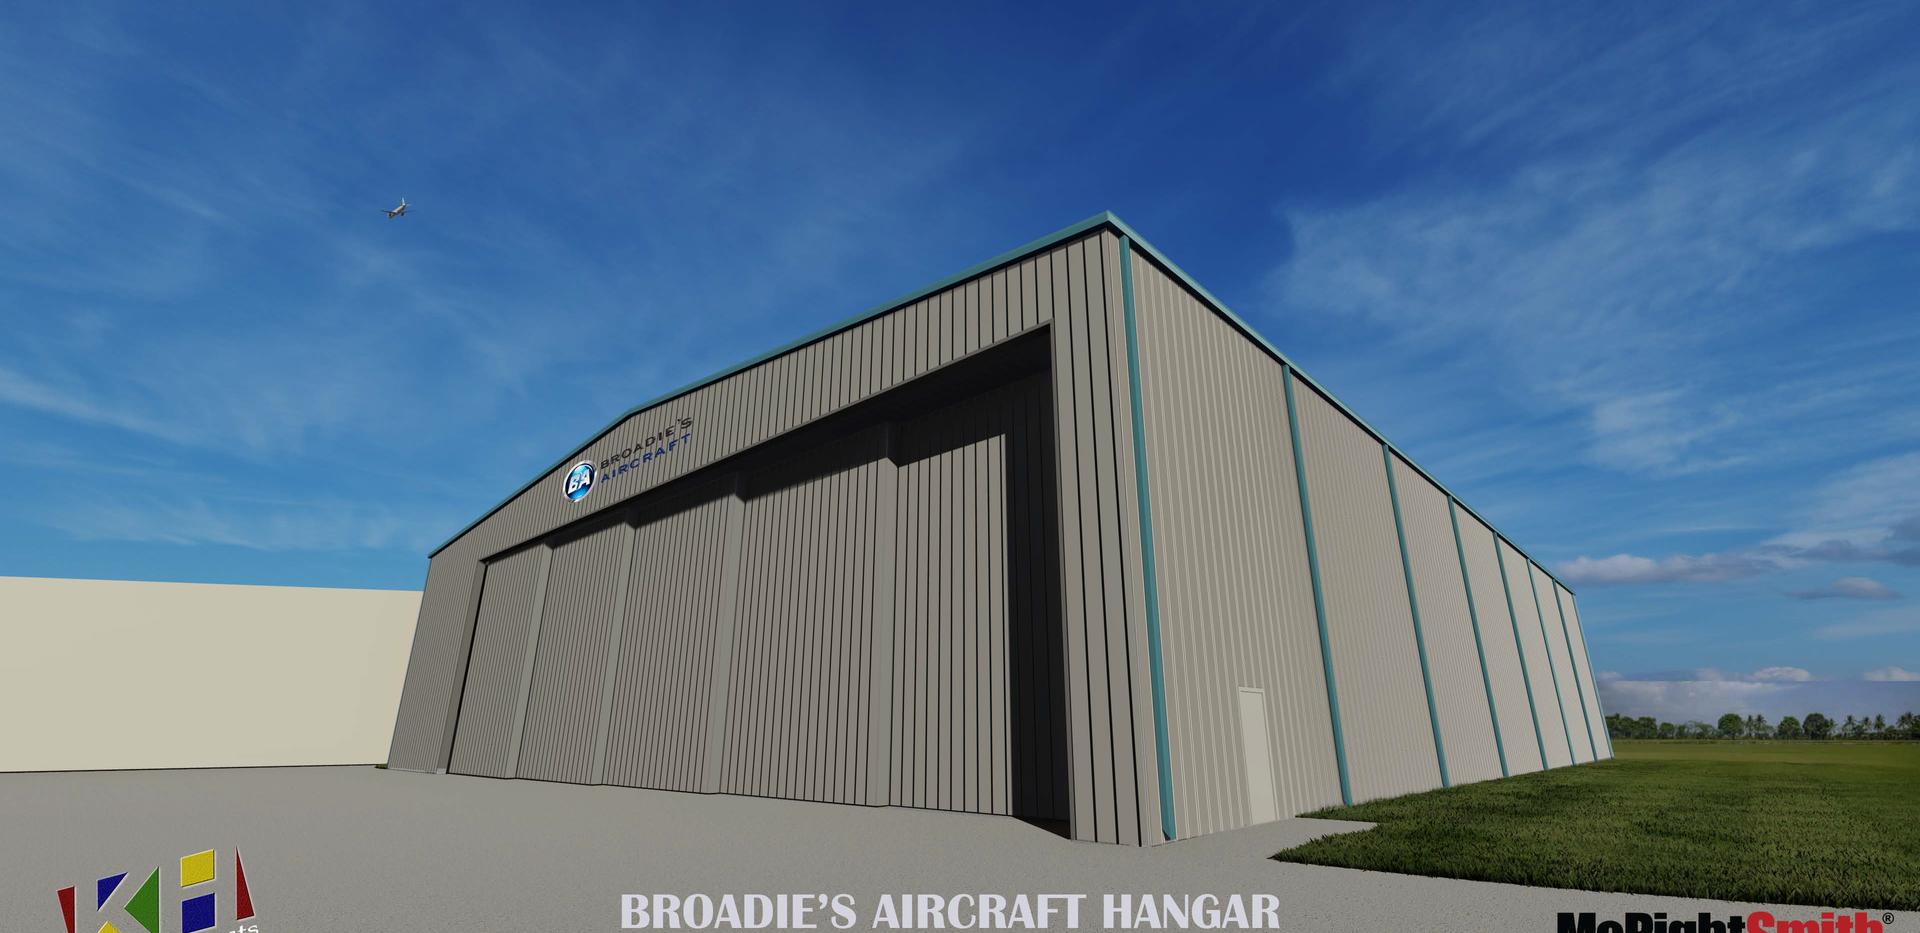 Broadie's Aircraft